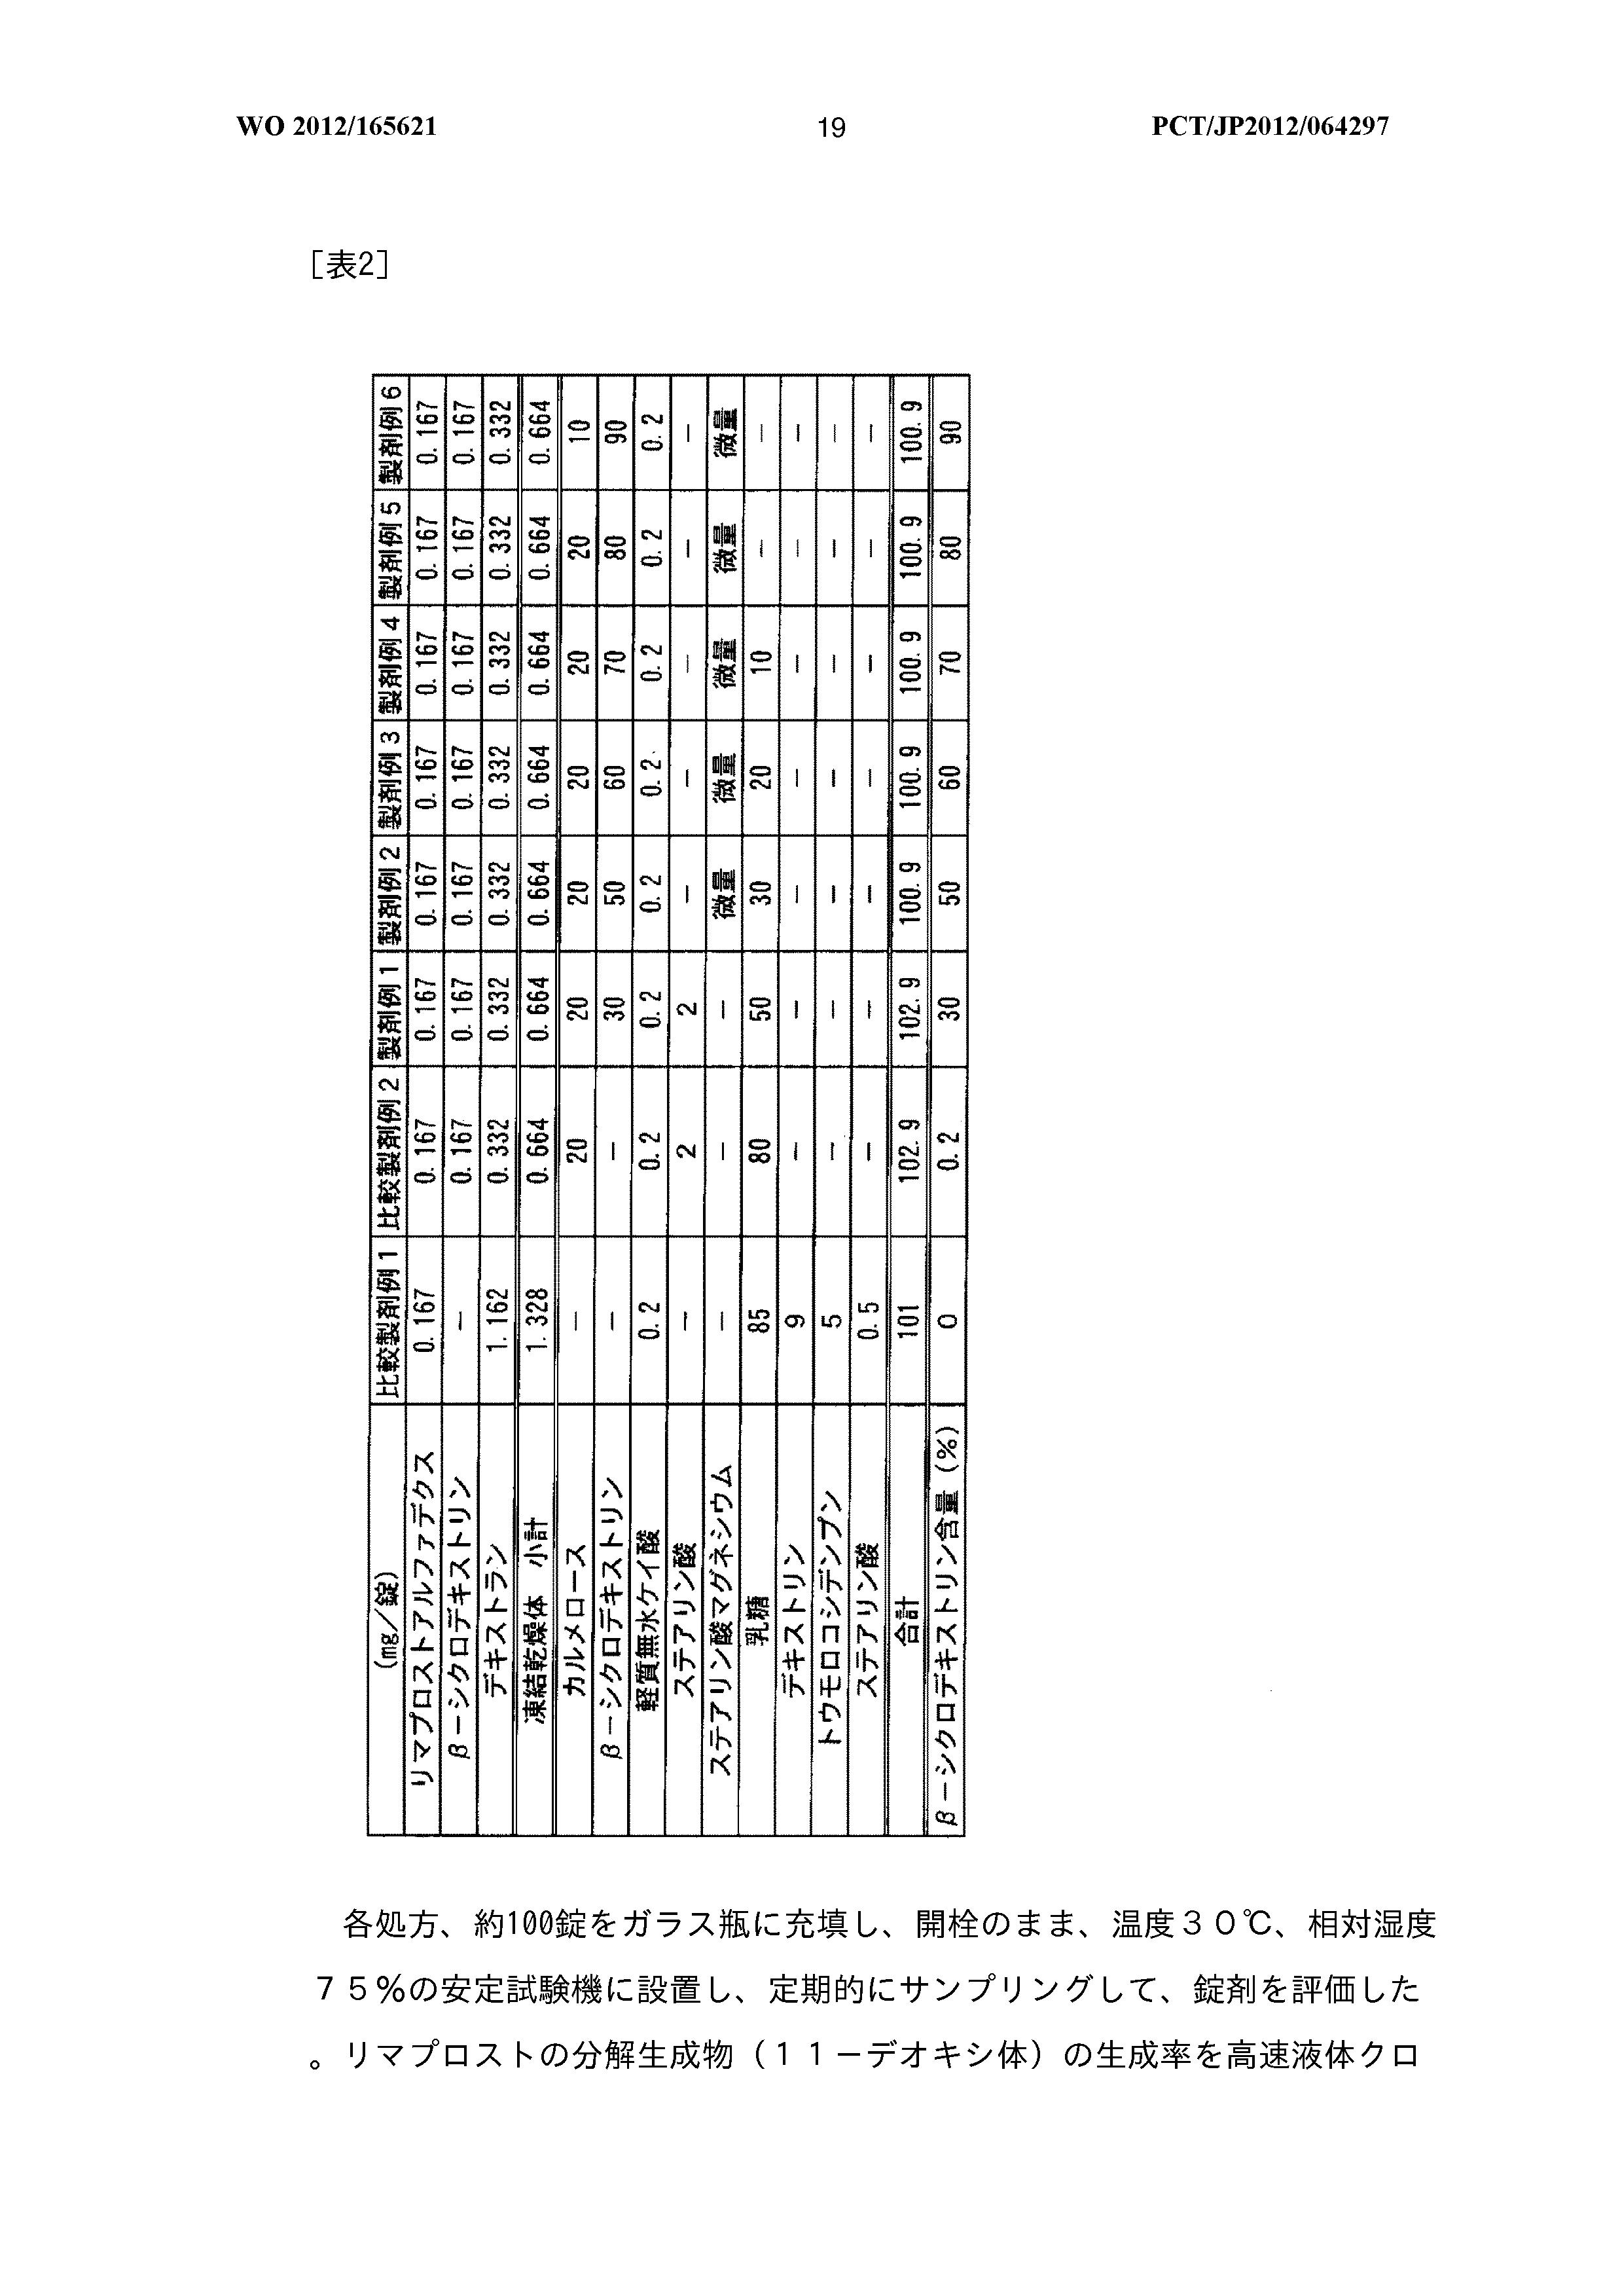 デクス リマプロスト 錠 アルファ